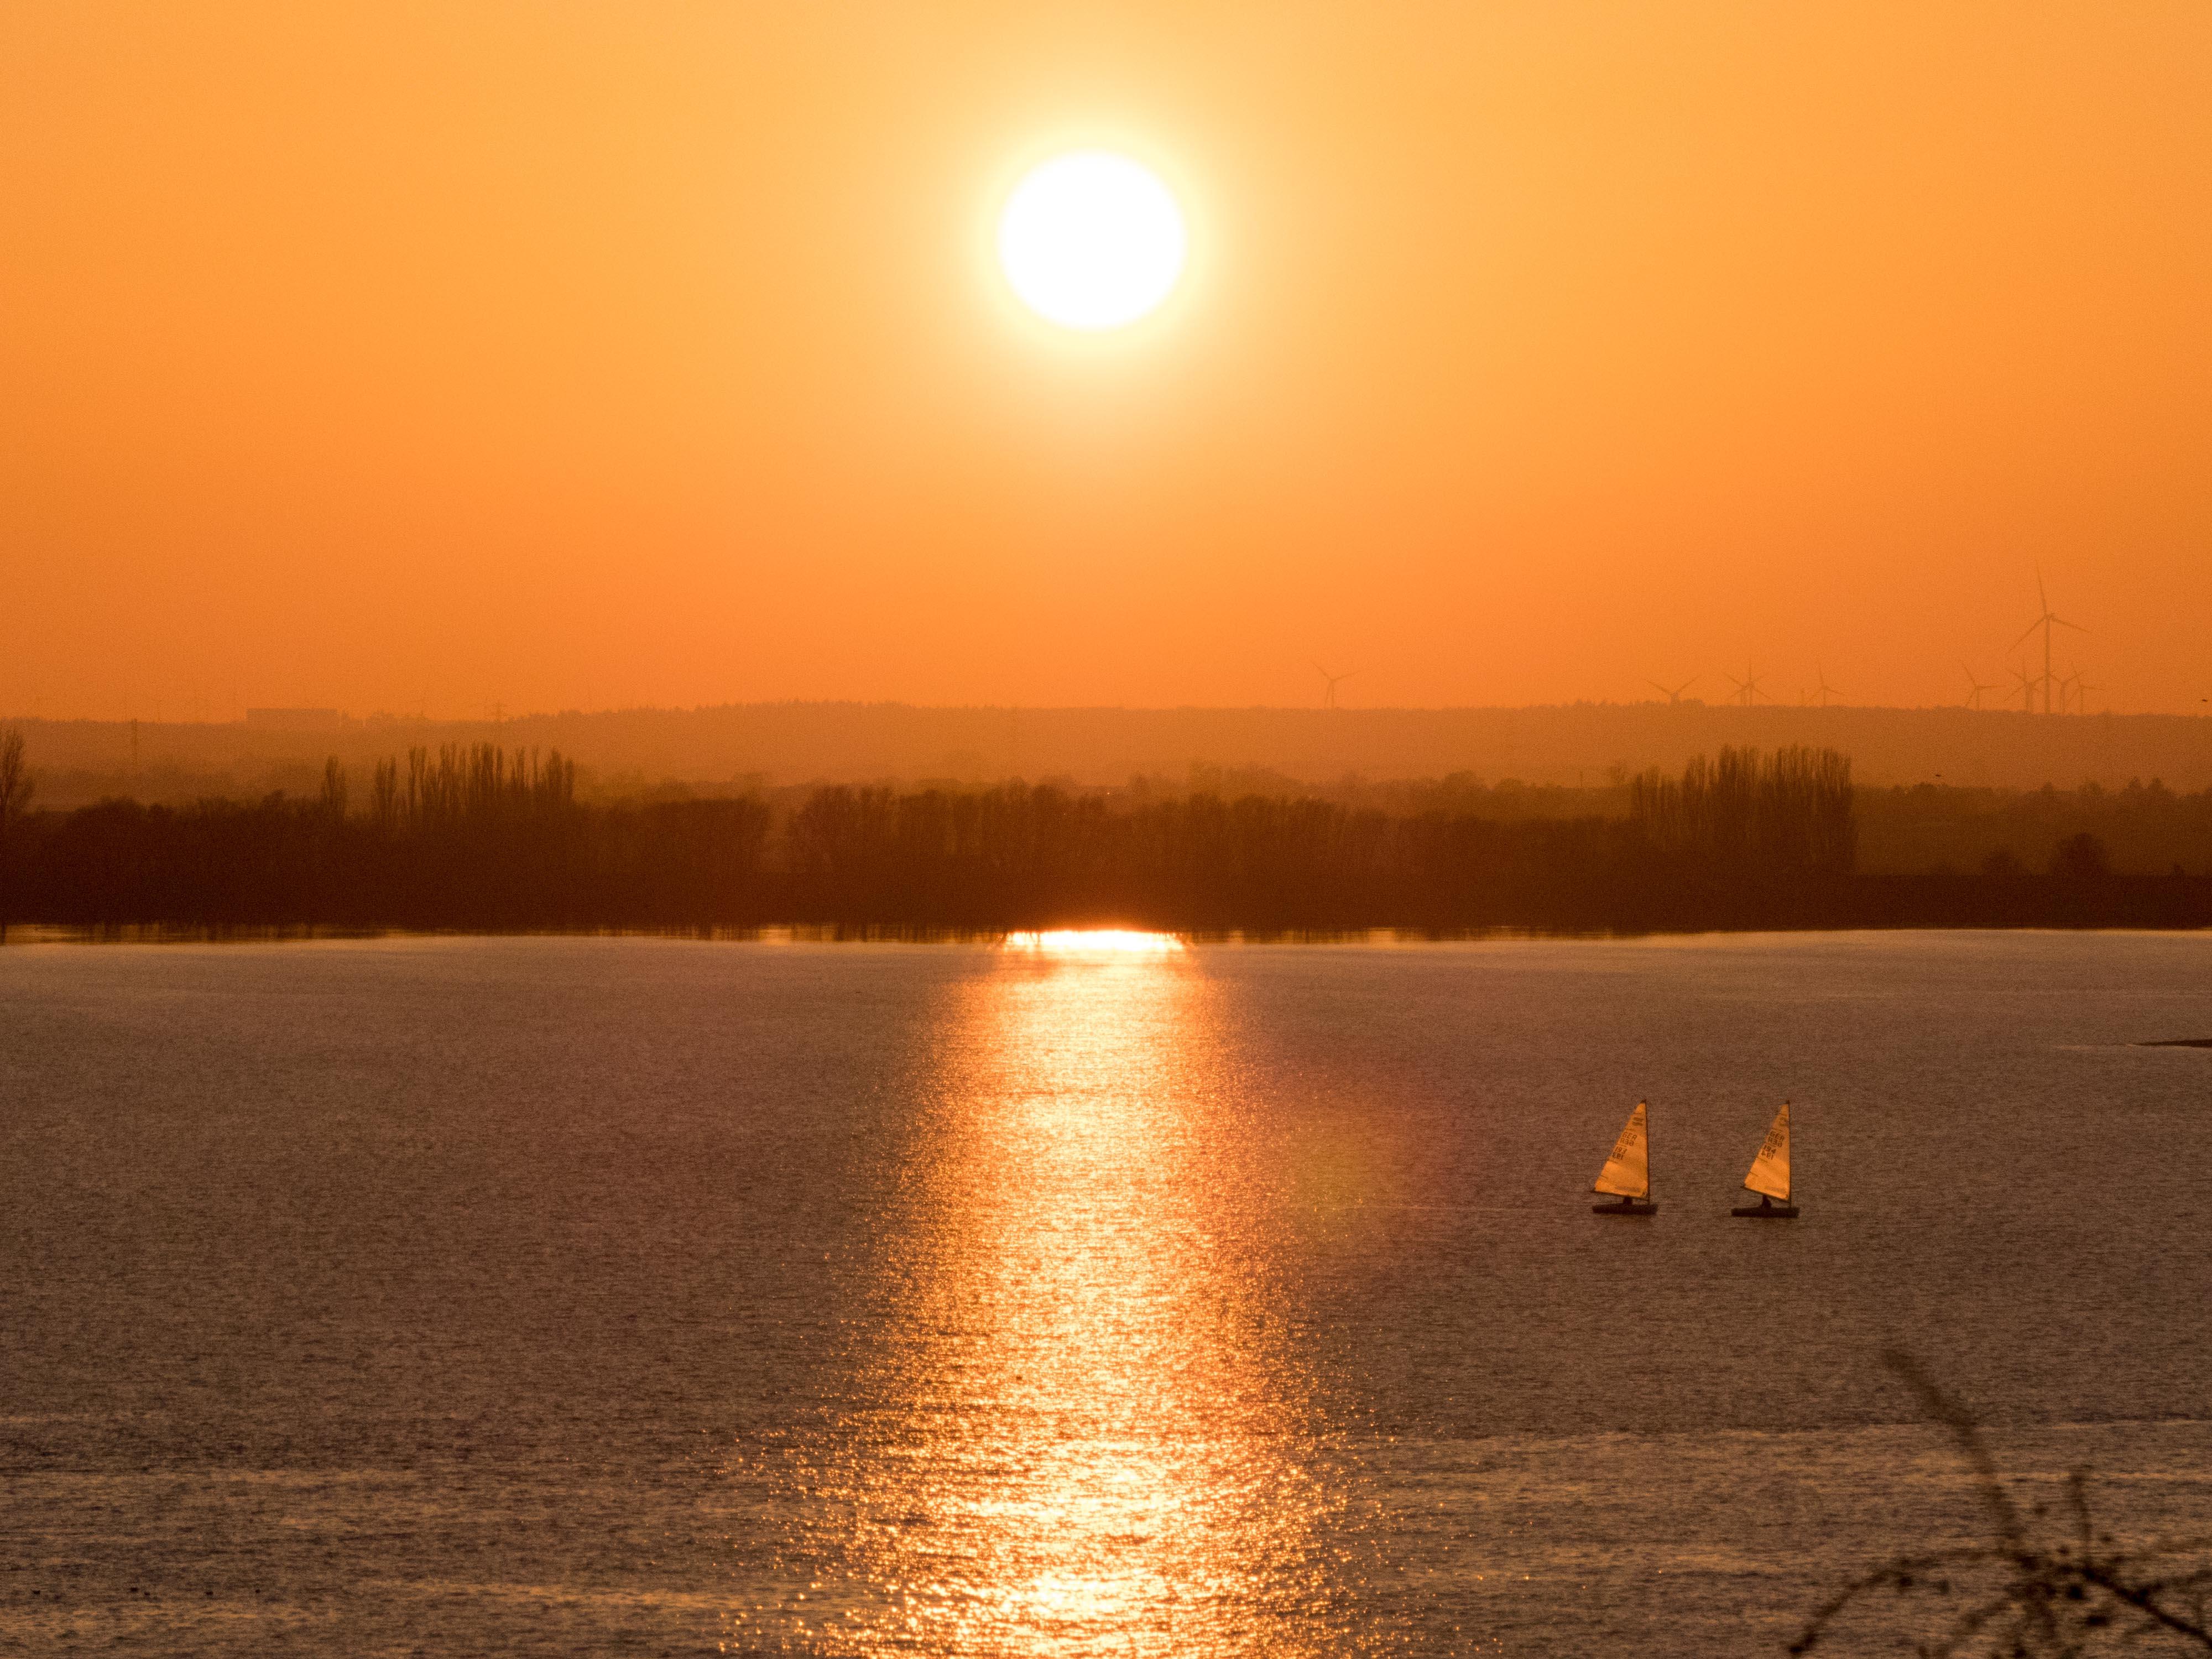 Sonnenuntergang Elbe mit zwei Segelbooten